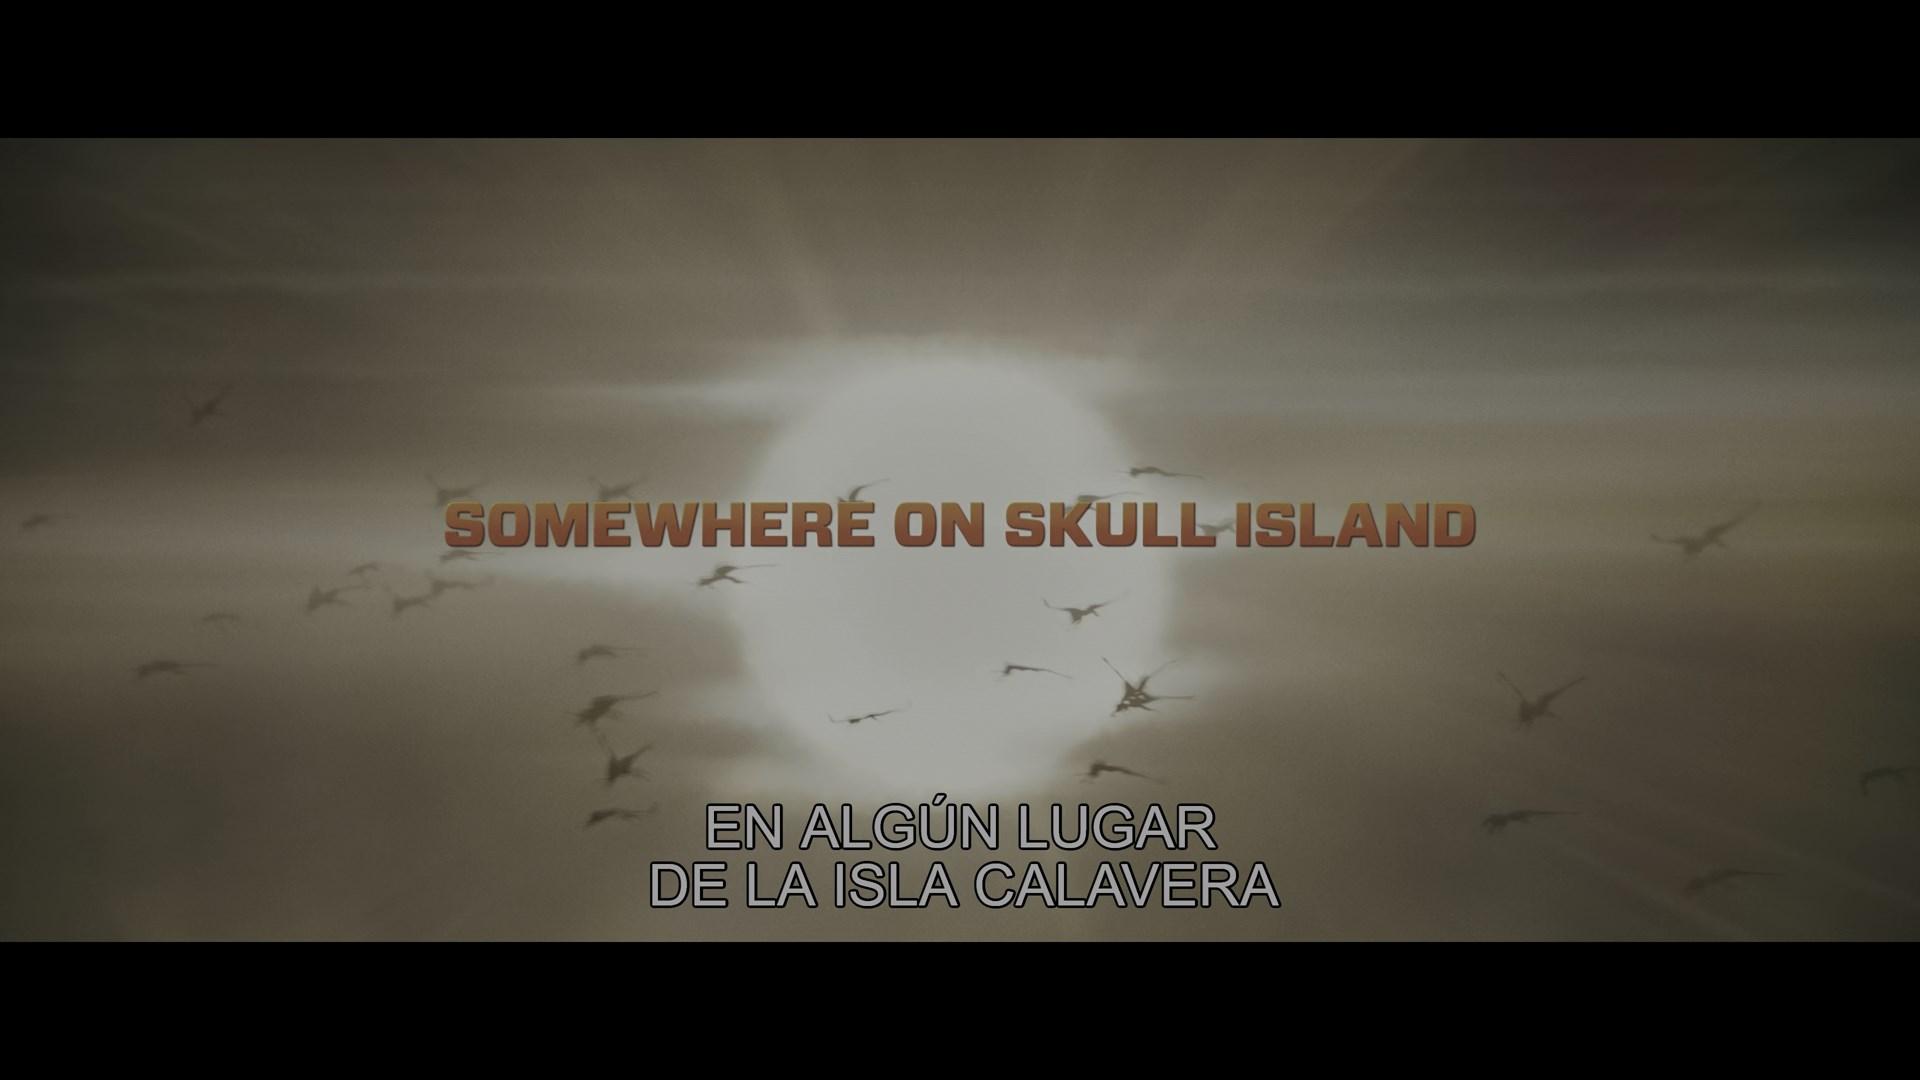 Godzilla vs Kong (2021) 1080p WEB-DL HDR Latino